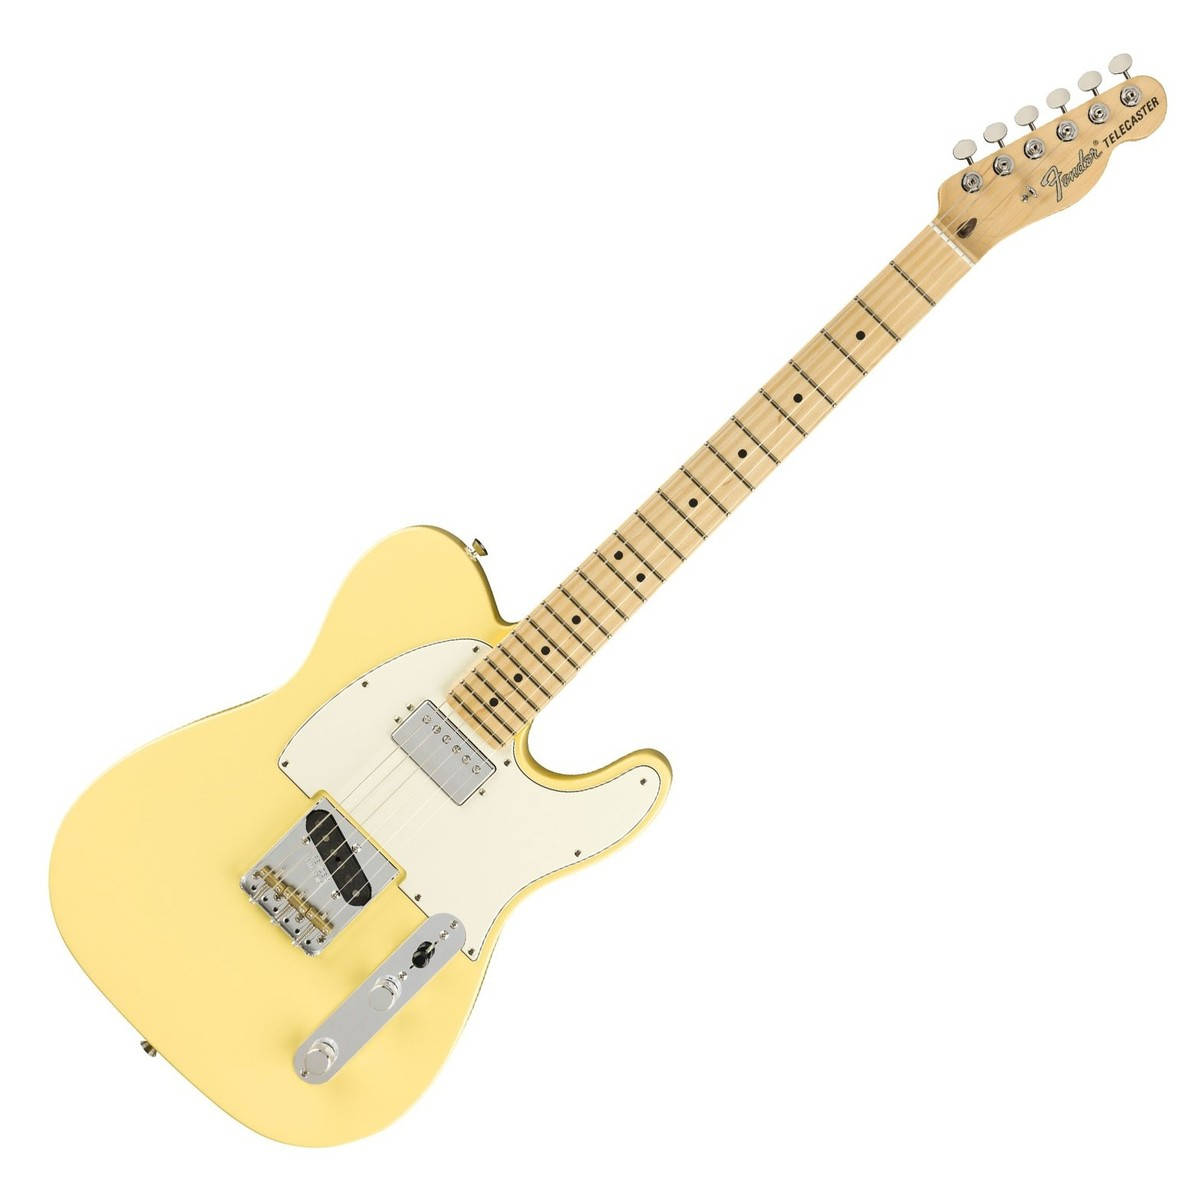 Fender American Performer Telecaster HS MN, Vintage White